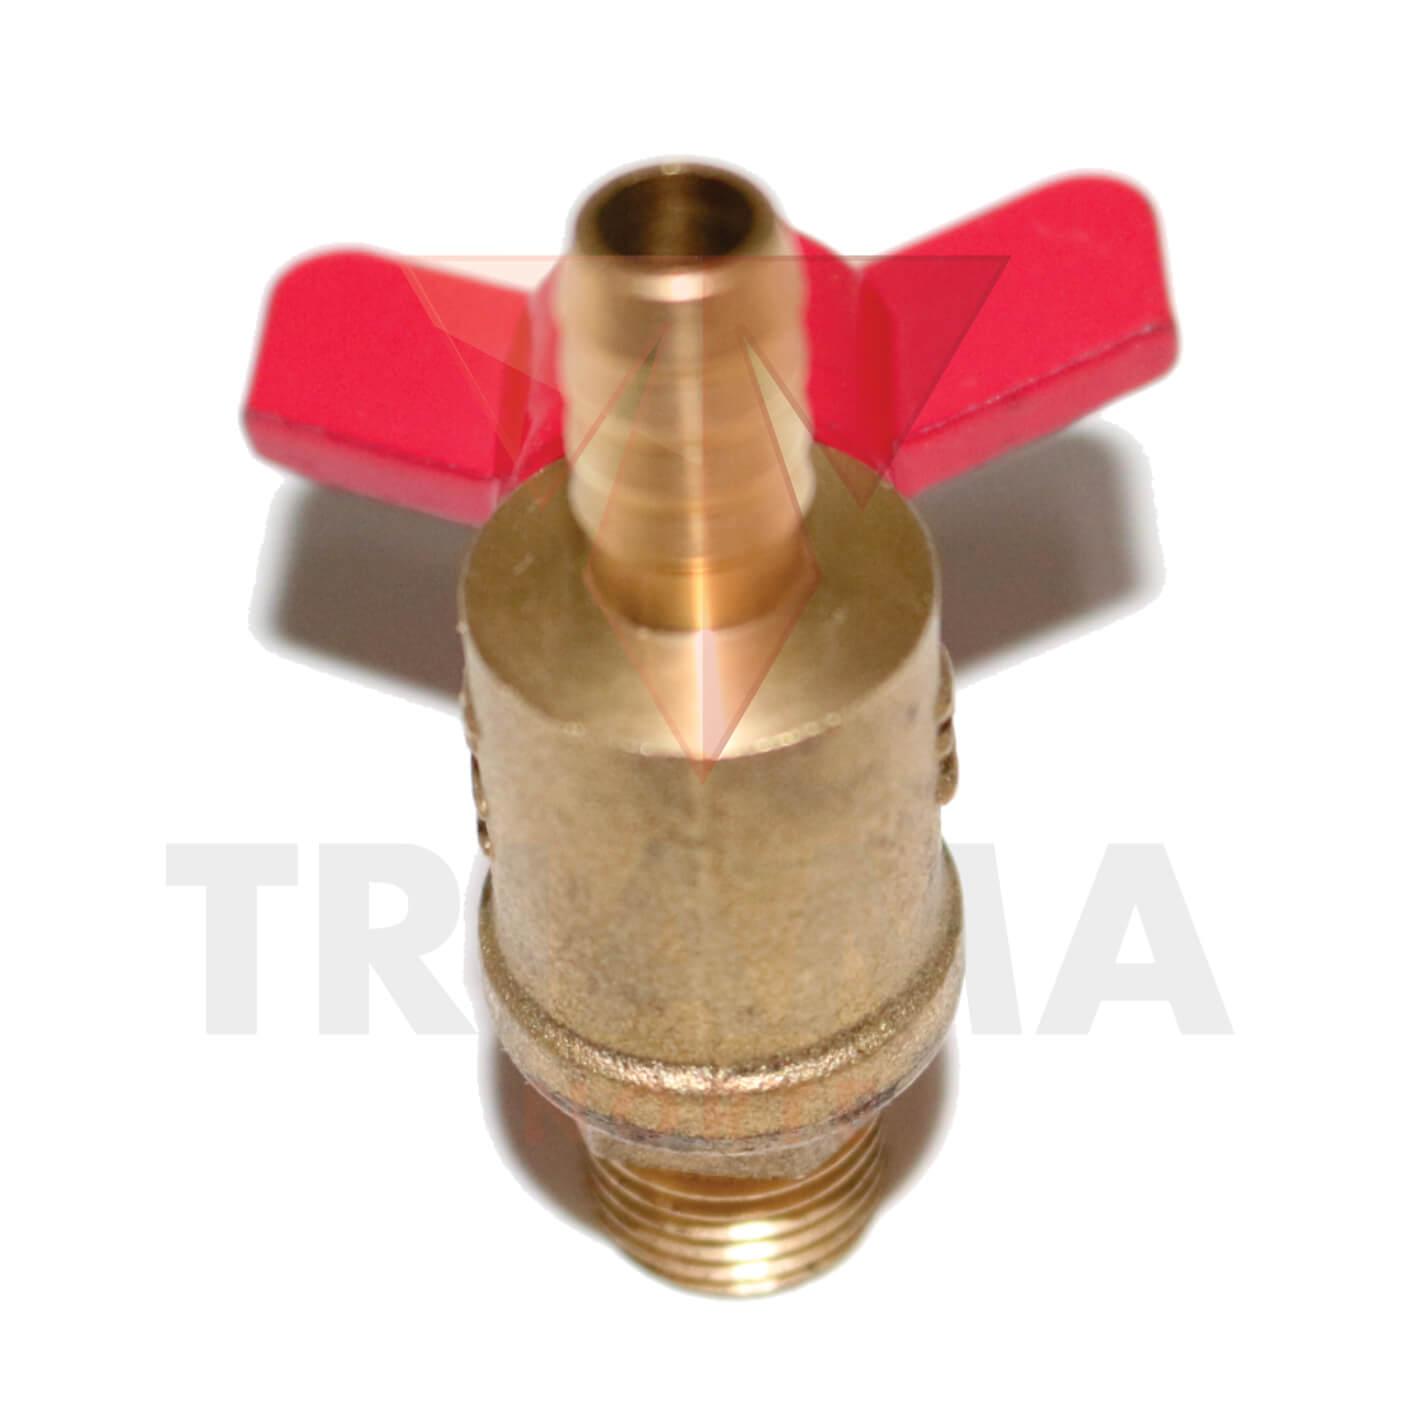 Válvula do Controle de Fluxo da XCMG XT870, LW300, LW180, LW500 e ZL30